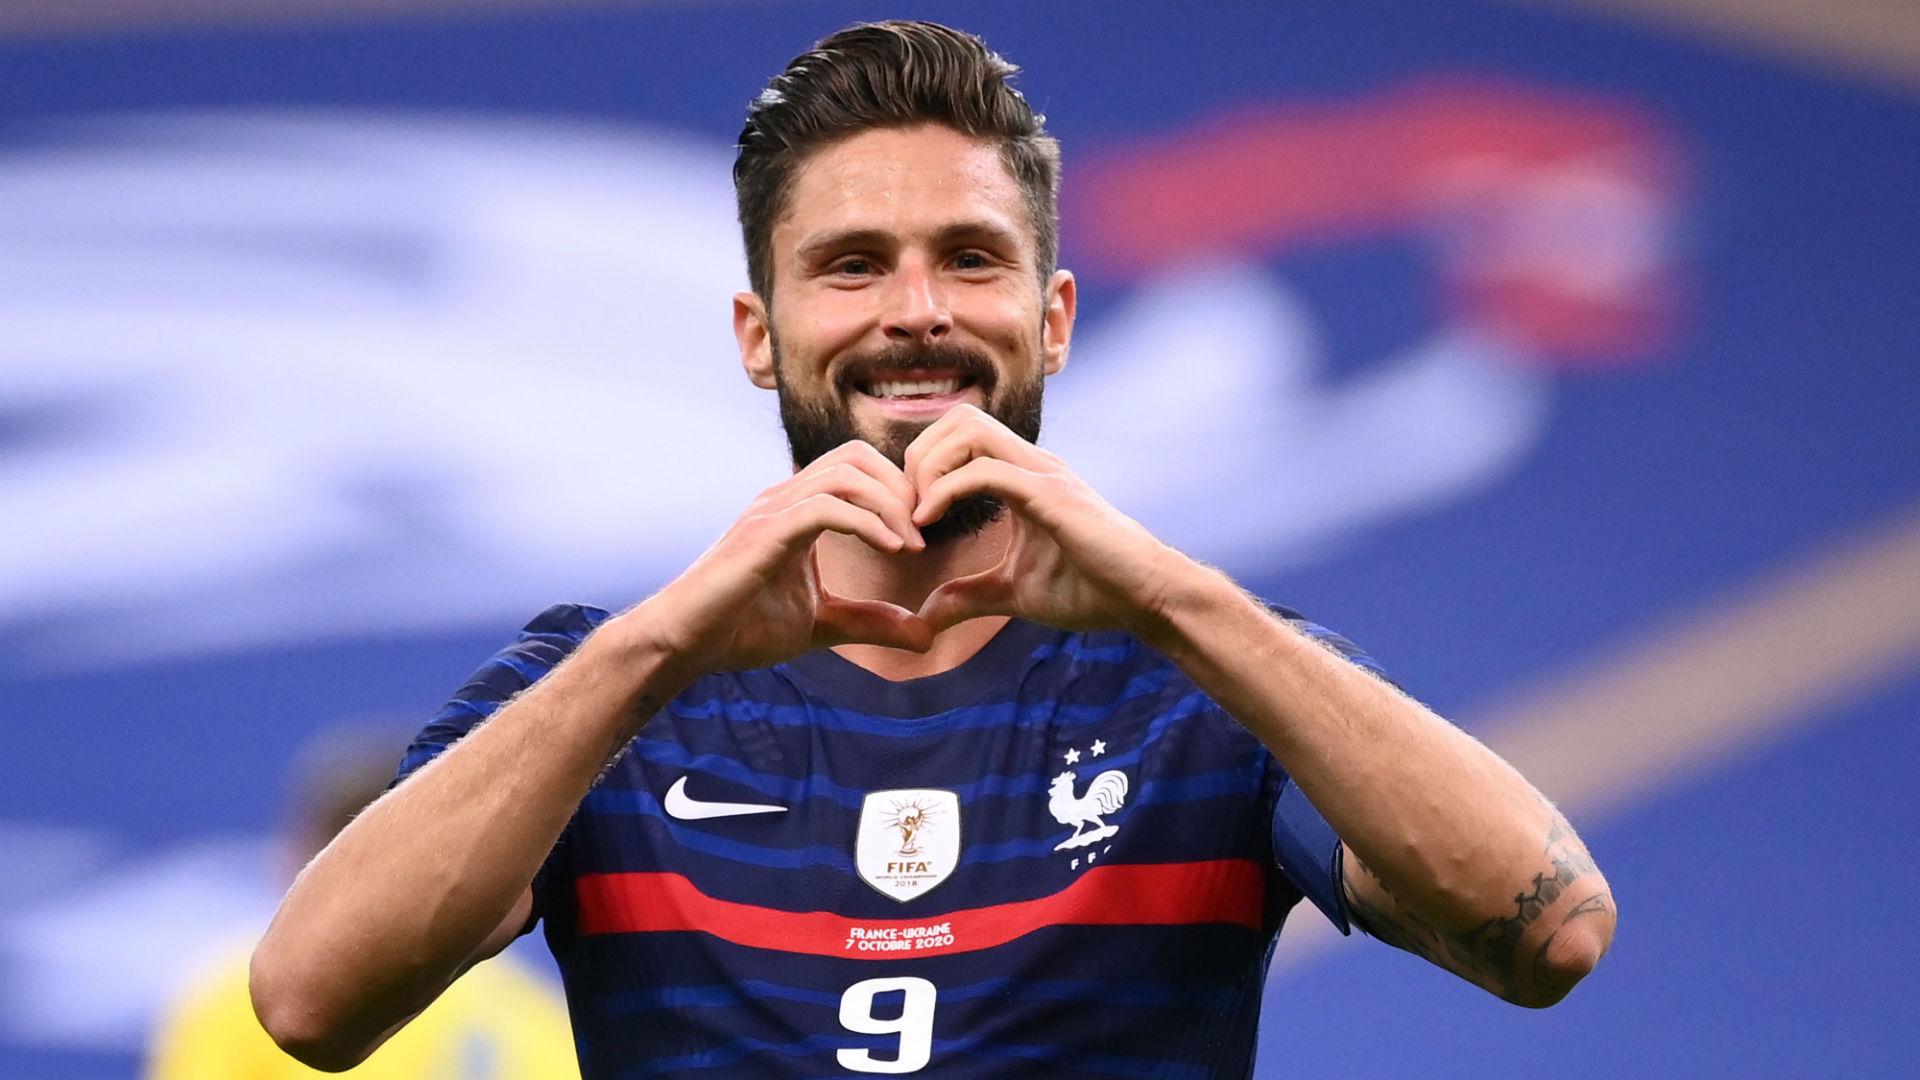 France 7-1 Ukraine: Centurion Giroud caps landmark appearance with double